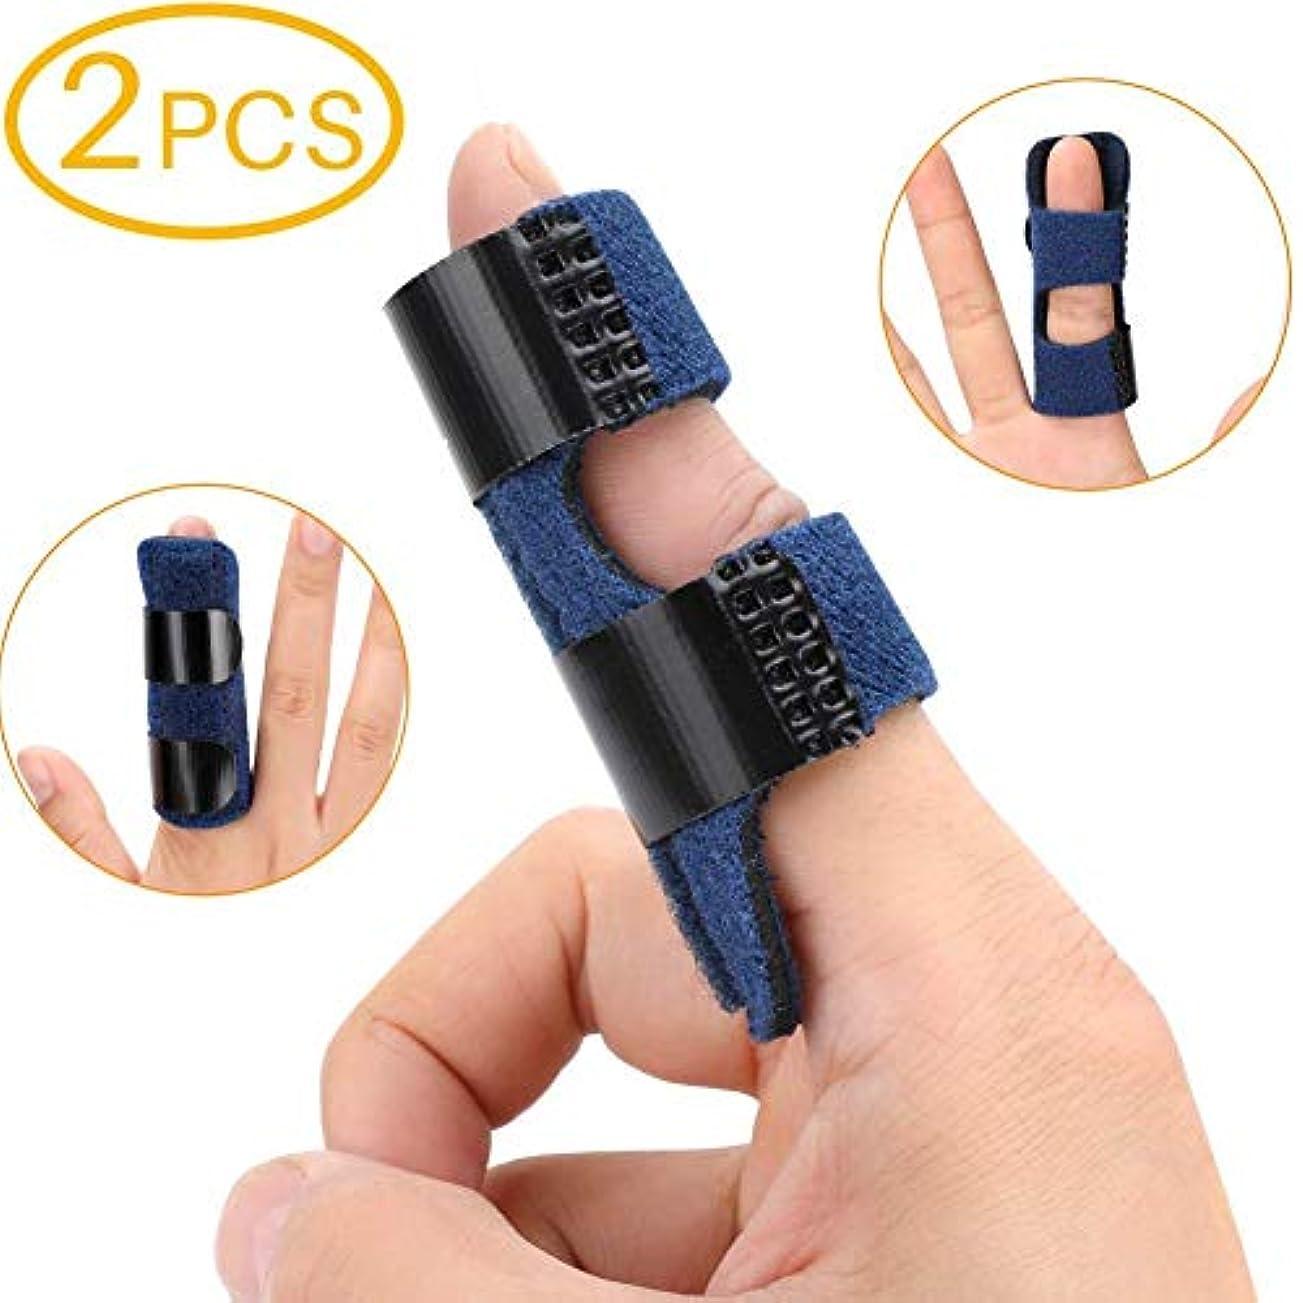 裁量一時停止スーツ2PCSばね指スプリント、指拡張添え木指ブレース/指矯正ブレース/ばね指ブレース、通気内蔵アルミサポートトリガ、指剛性、変形性関節症、捻挫指の関節の痛みを軽減します